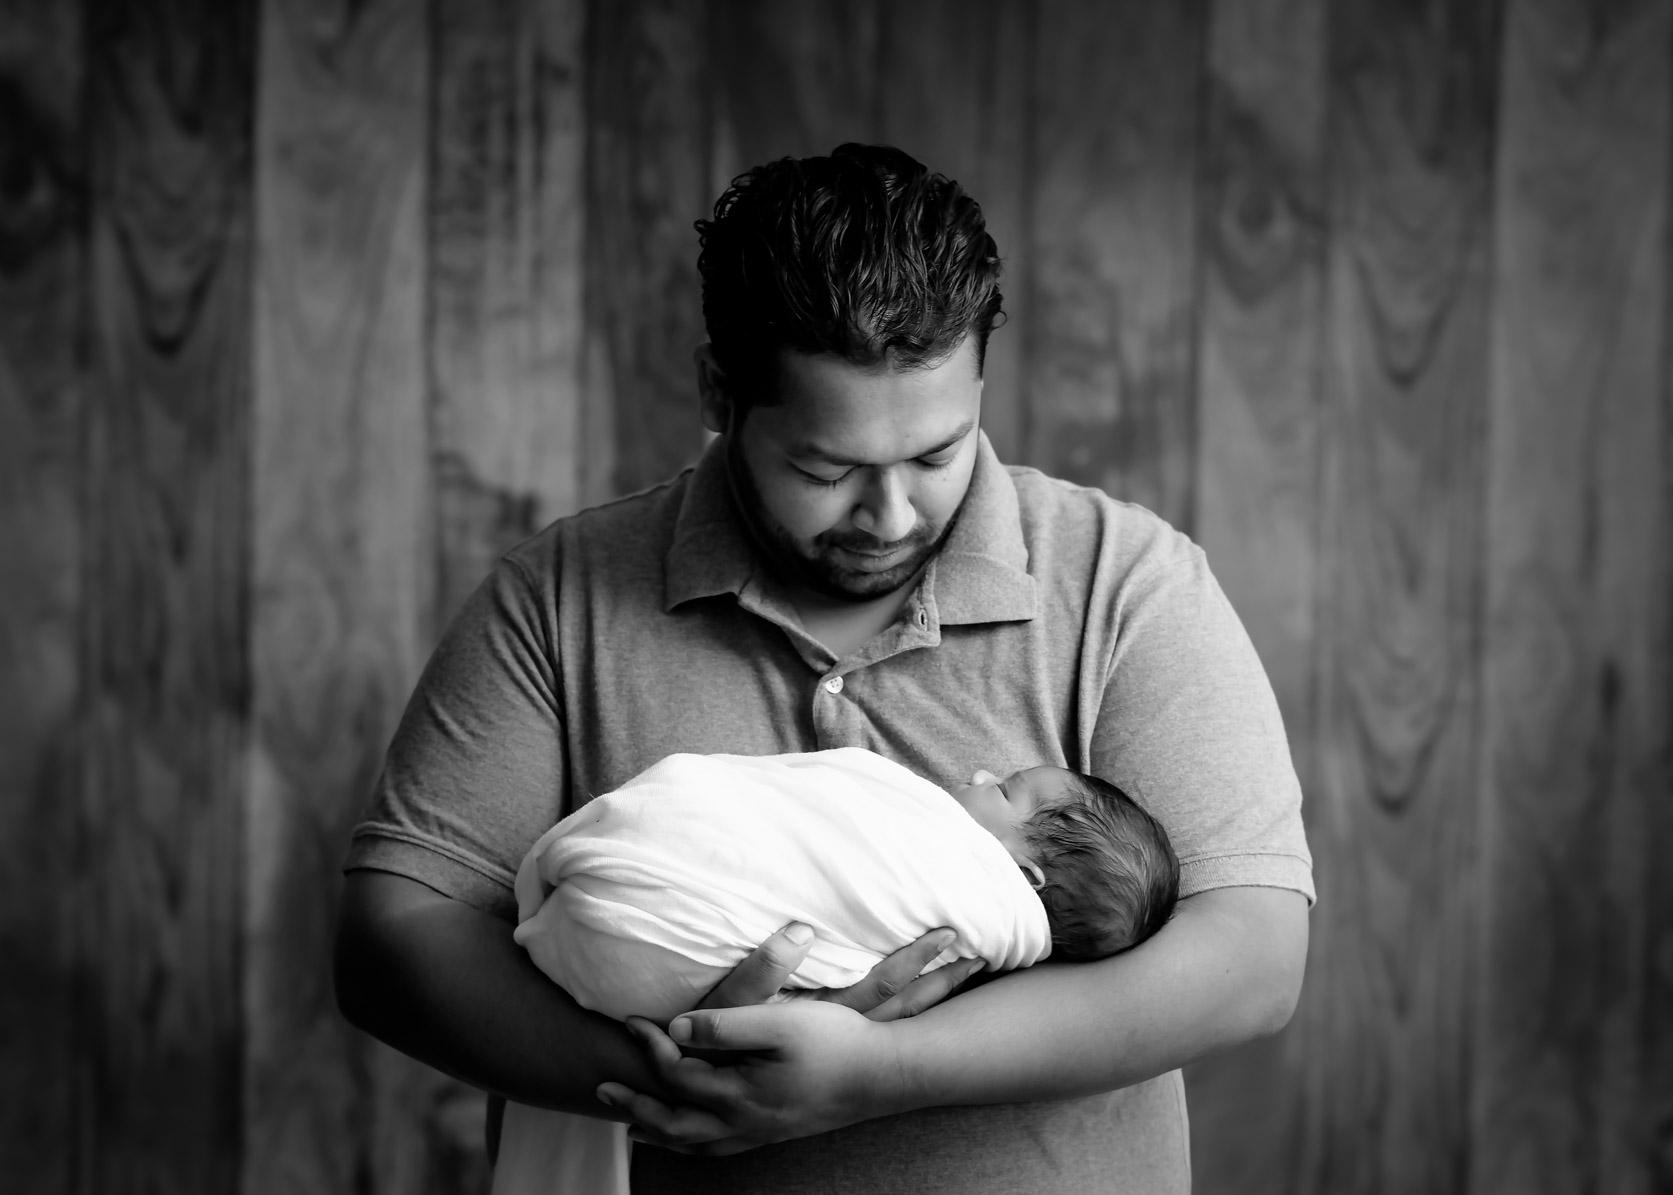 Baby AidenDSC_2860-Edit-Edit-Edit.jpg